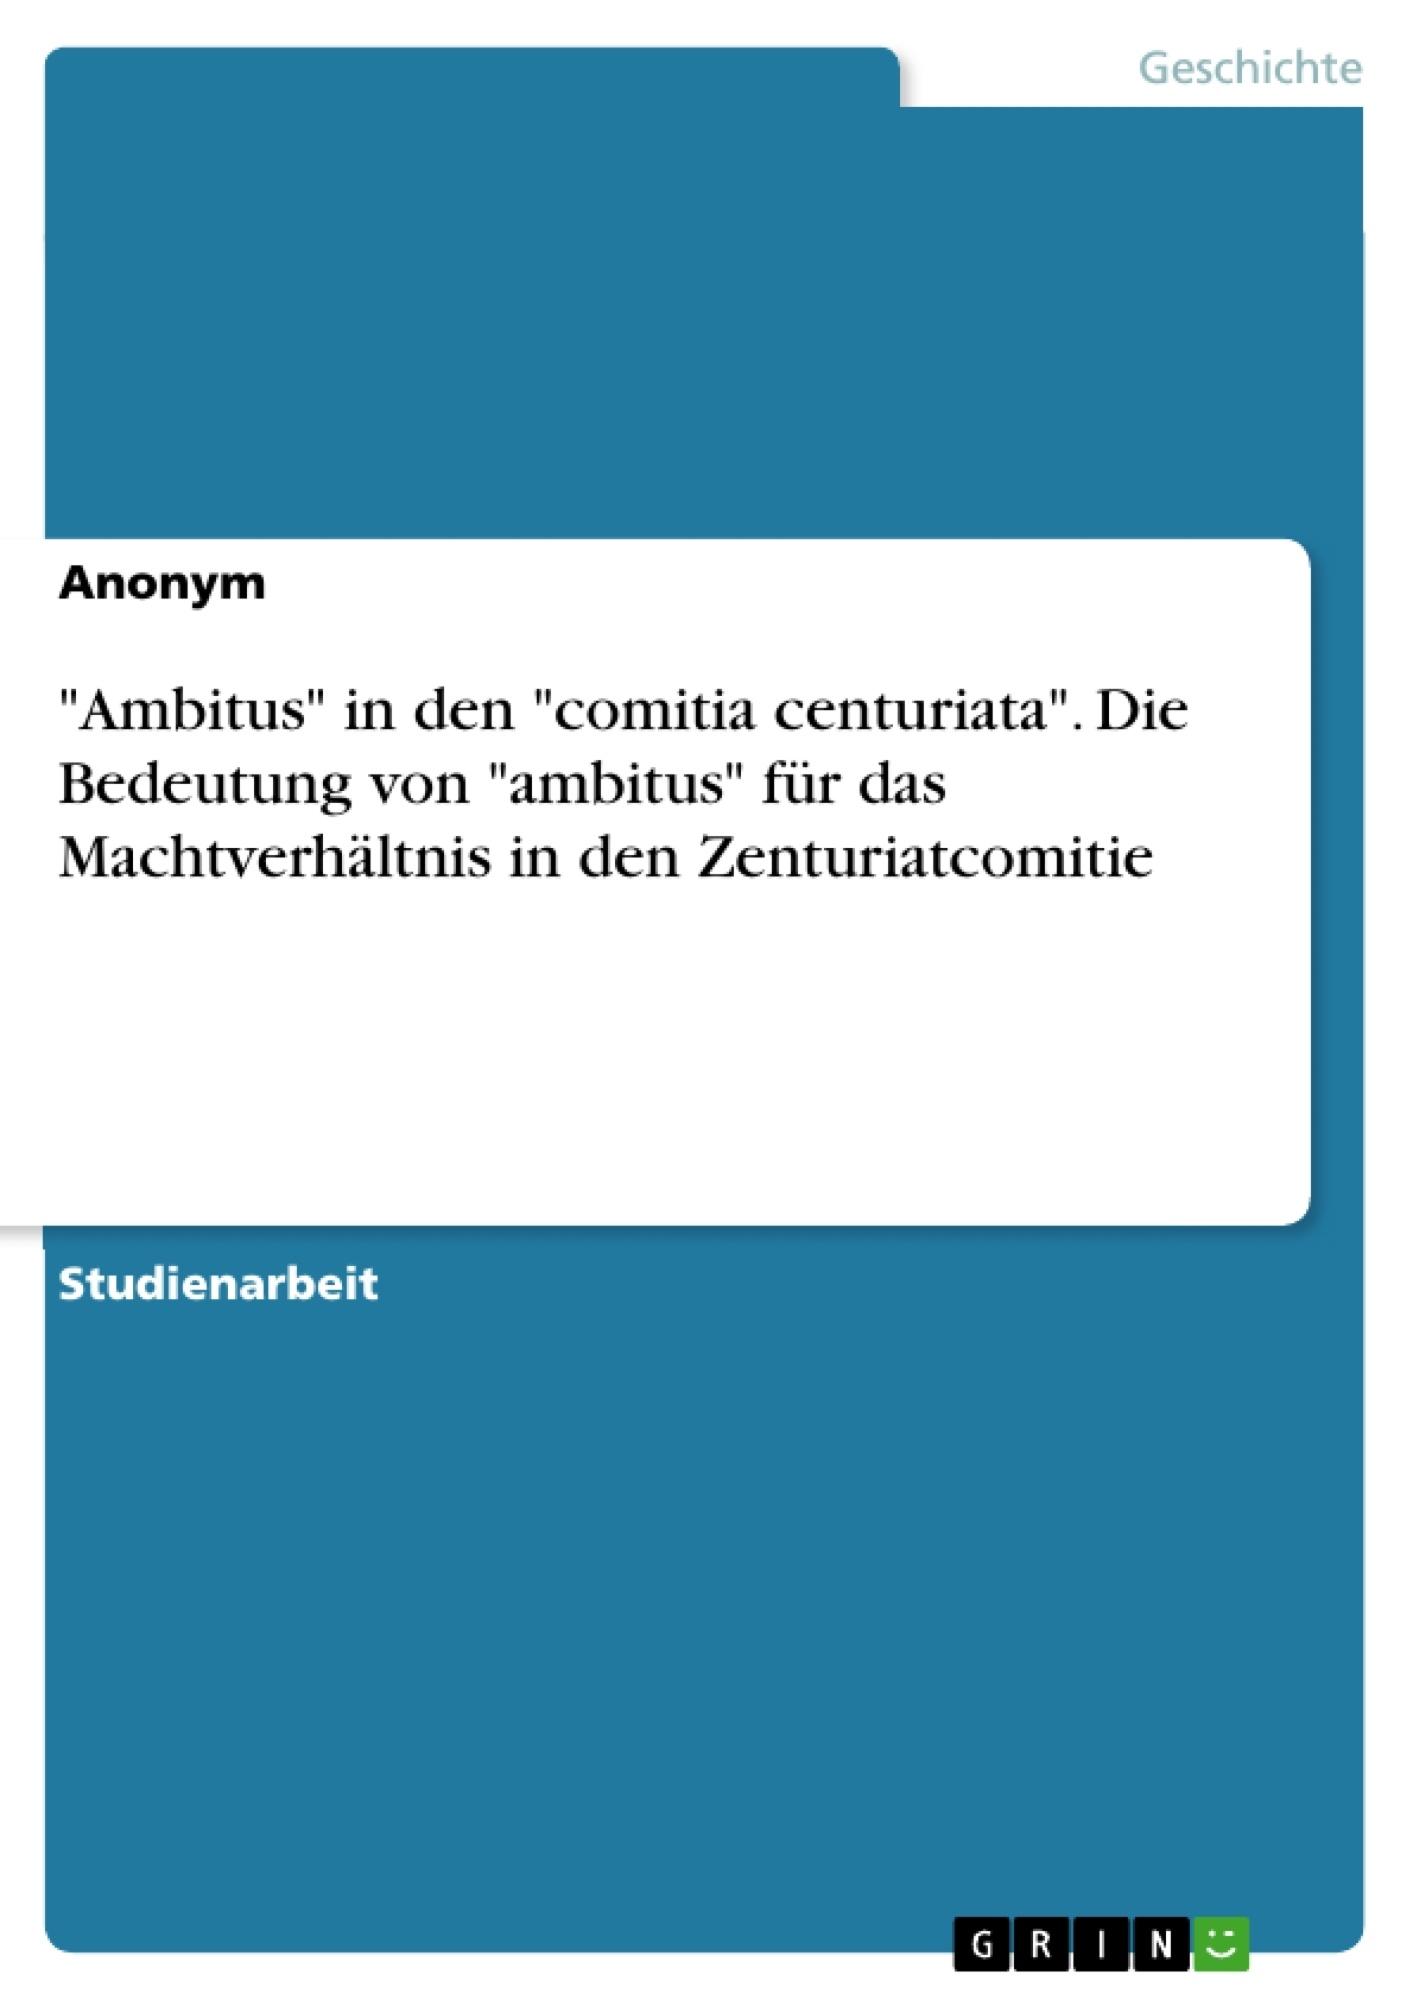 """Titel: """"Ambitus"""" in den """"comitia centuriata"""". Die Bedeutung von """"ambitus"""" für das Machtverhältnis in den Zenturiatcomitie"""